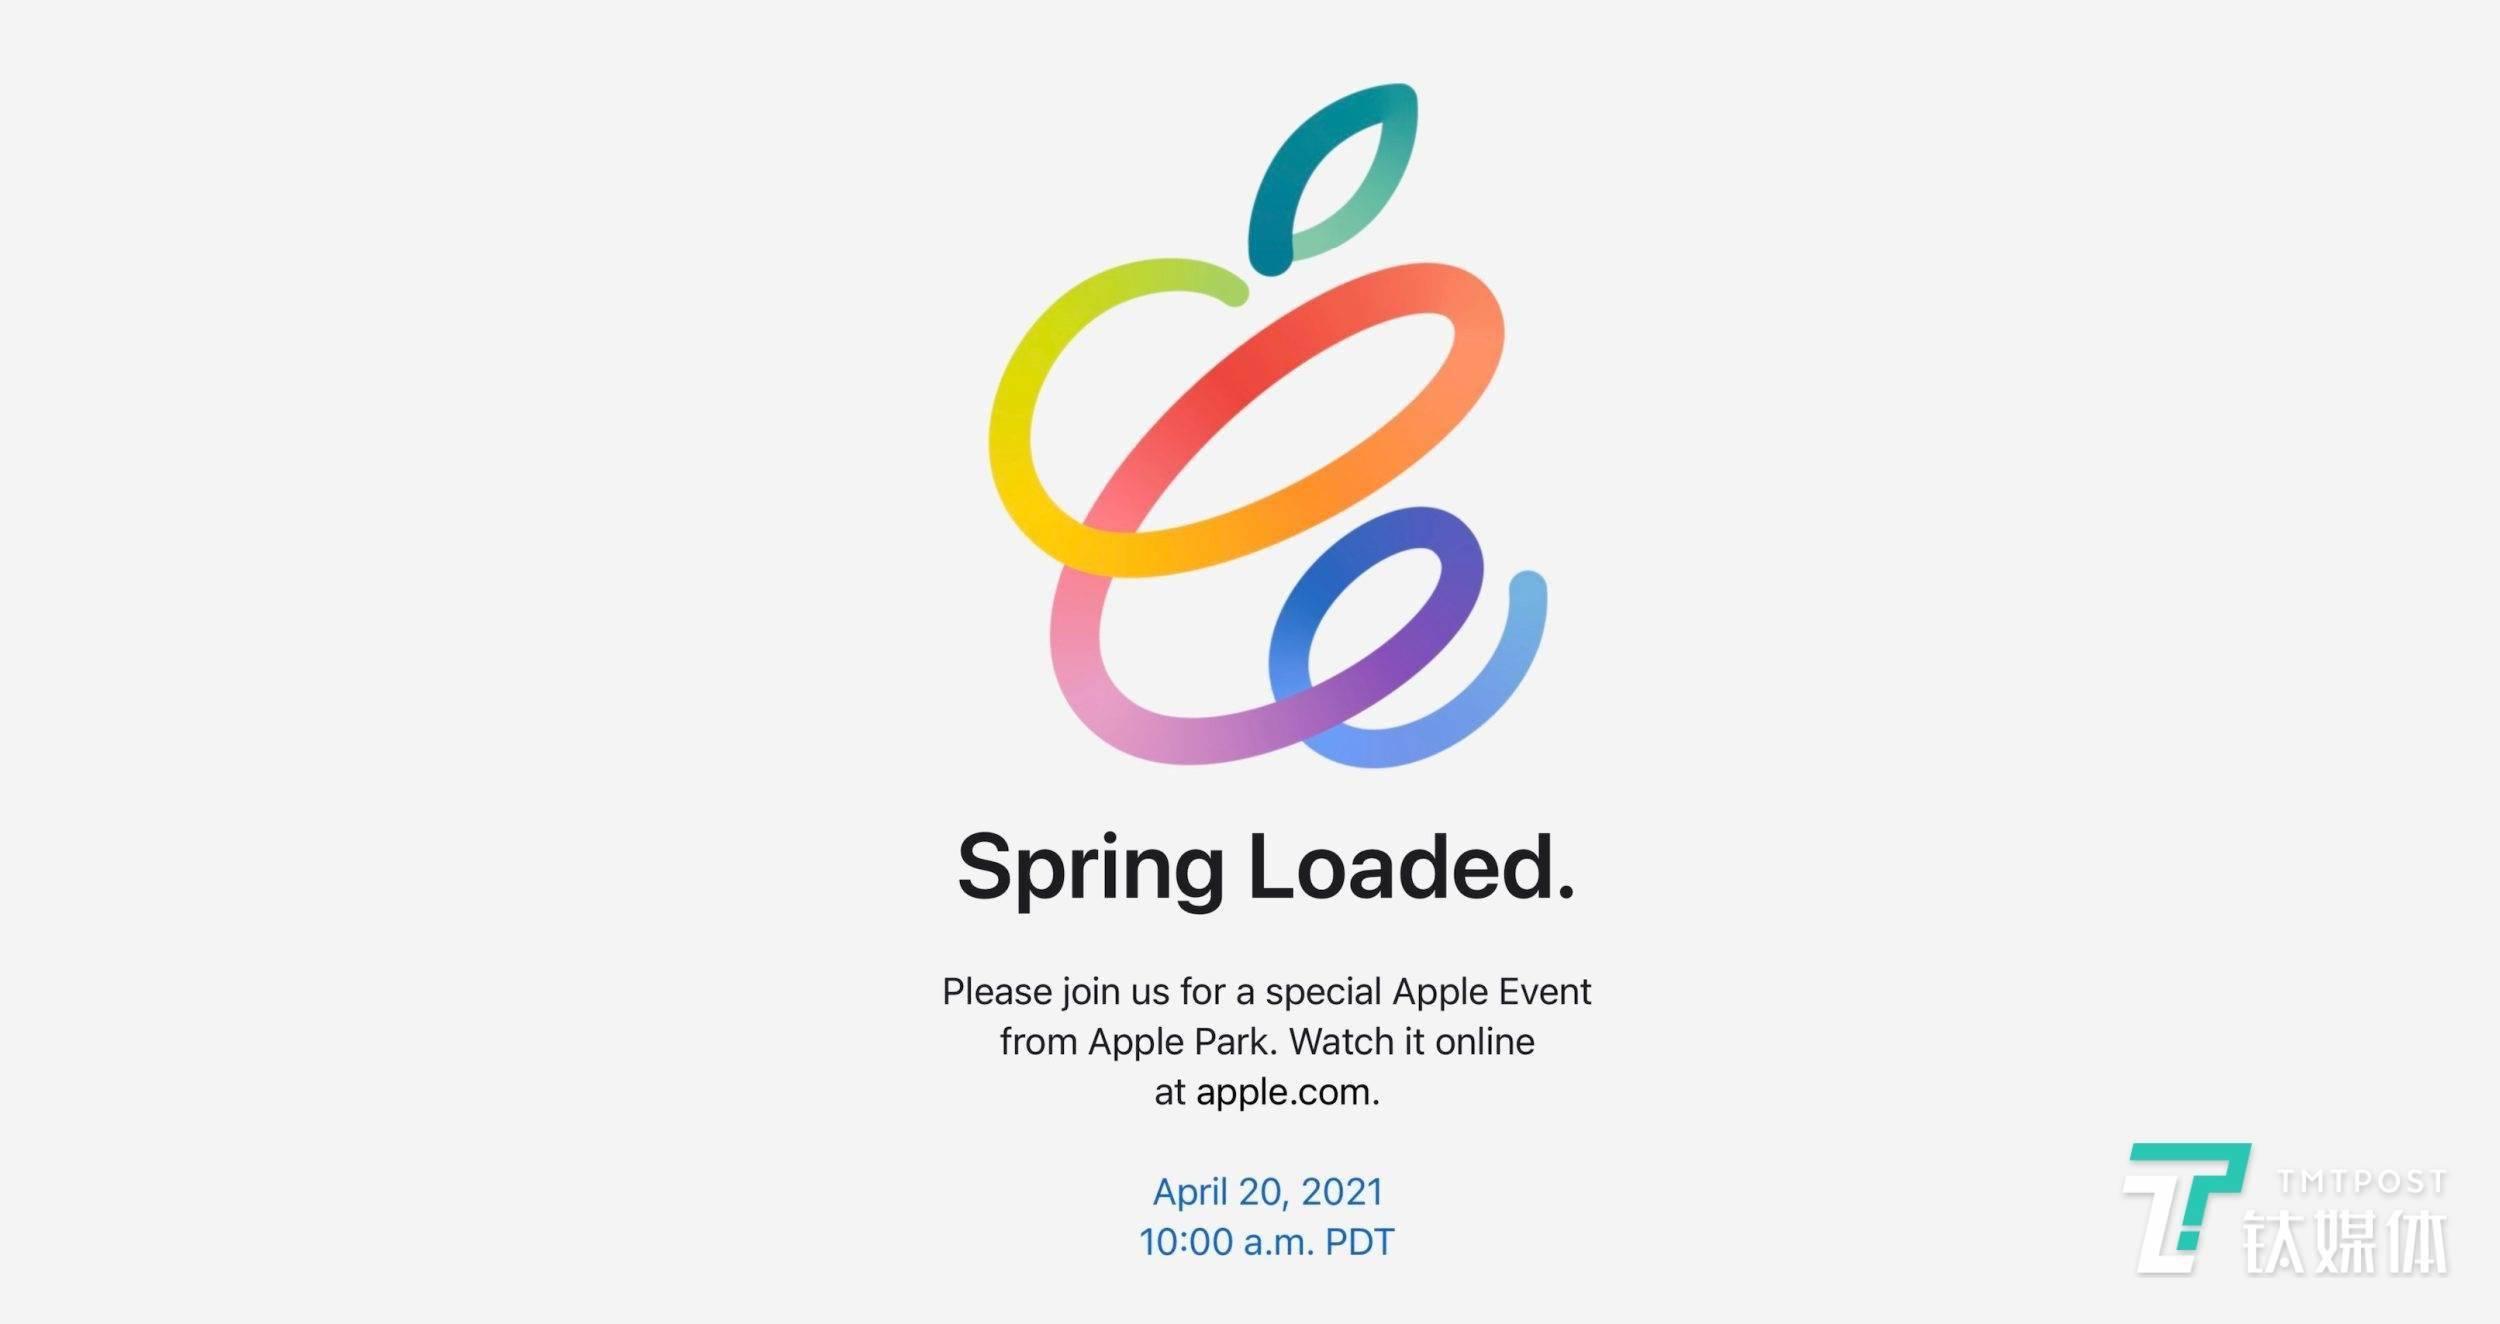 一文带你速览苹果春季发布会:M1芯片,再显「神威」